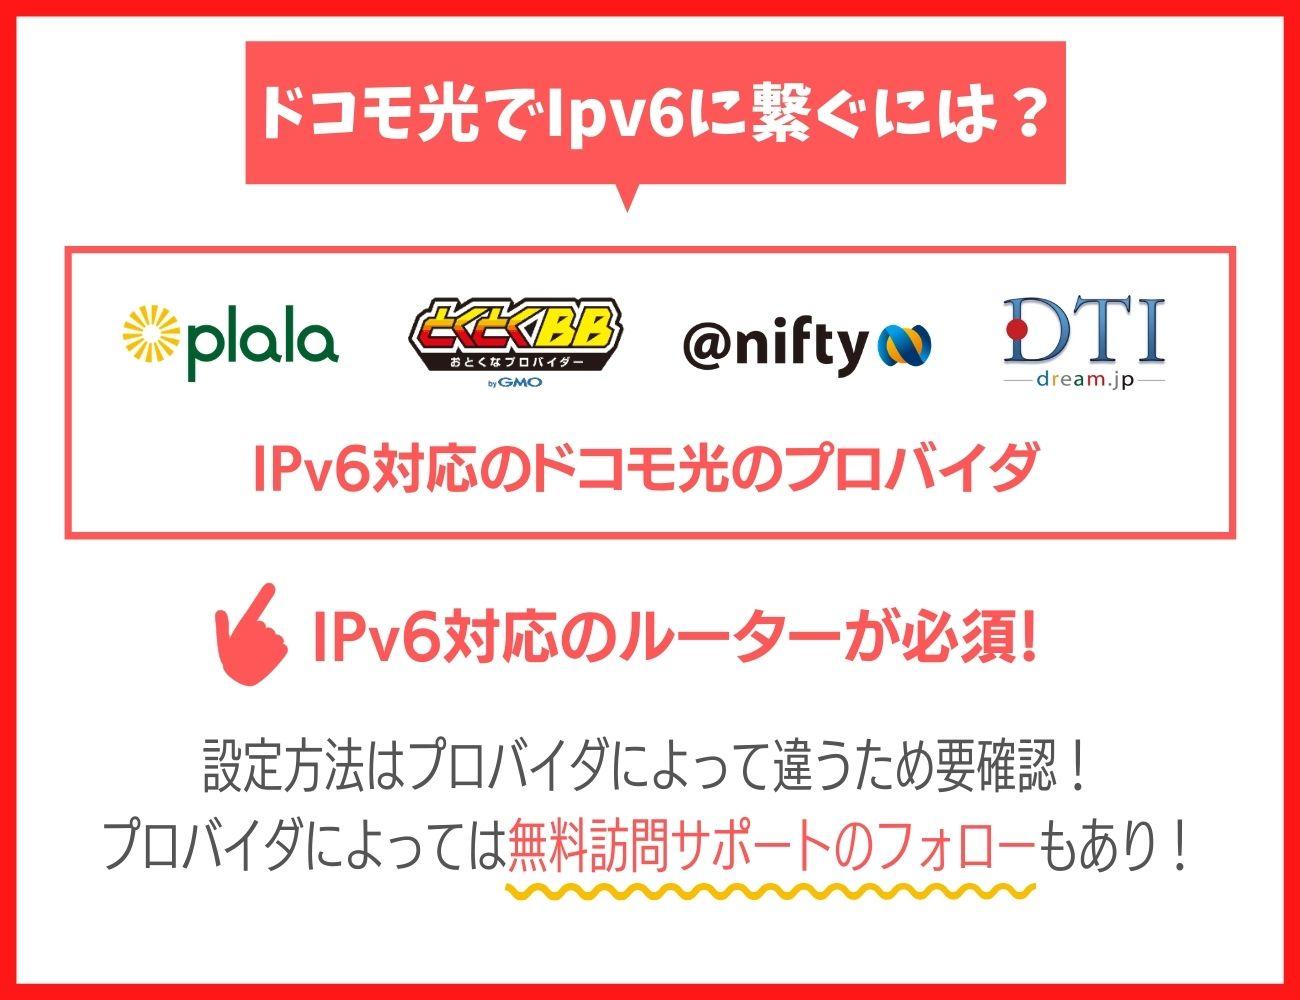 【対応プロバイダ限定】ドコモ光でIPv6につなぐ設定方法